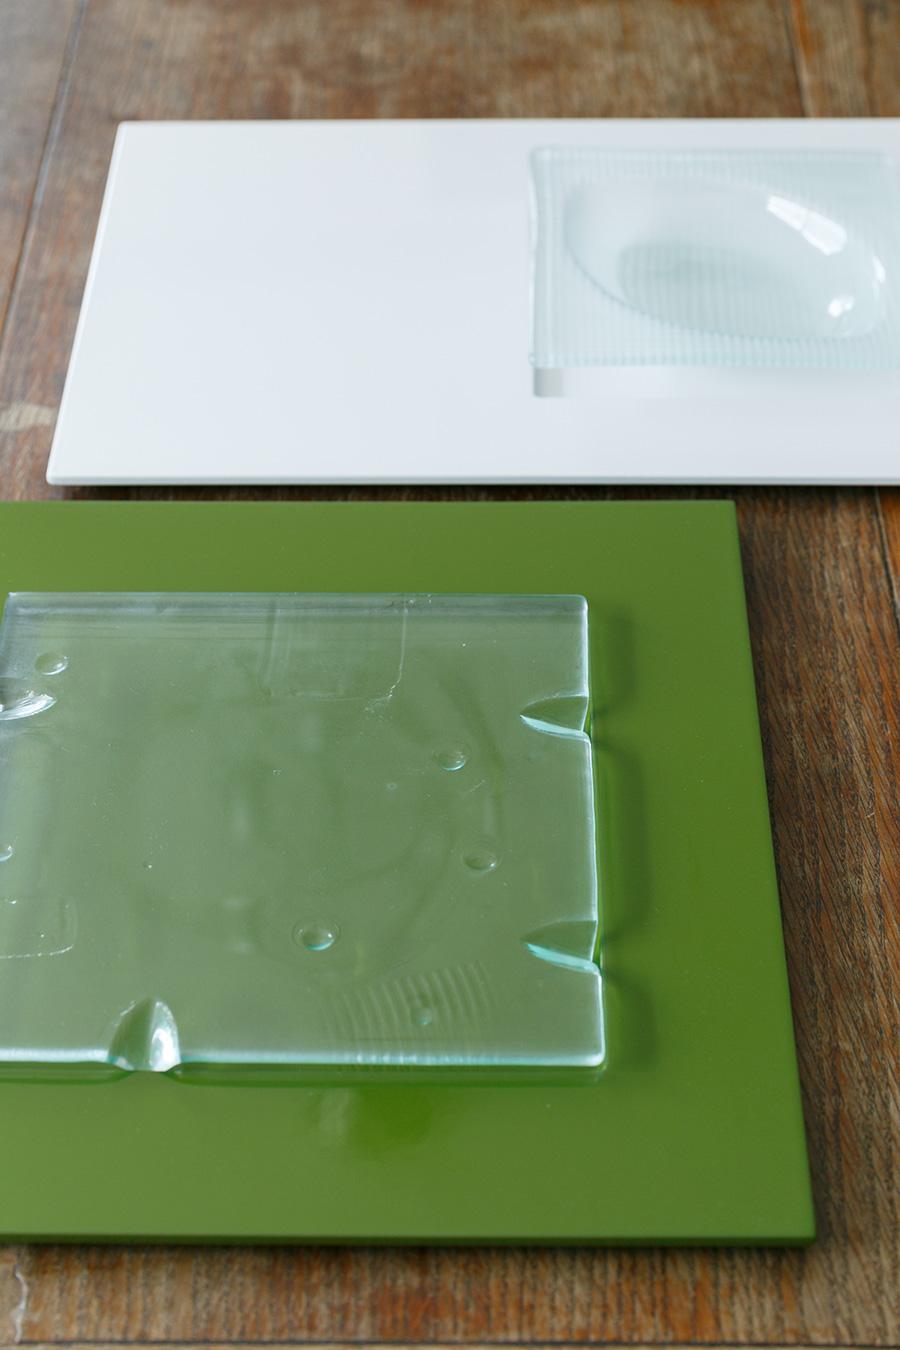 オンラインストア「ワンオーバーエフ」で購入した漆の器は、和モダンなテイストがお気に入り。漆器にガラスを組み合わせるのが山口さん流。